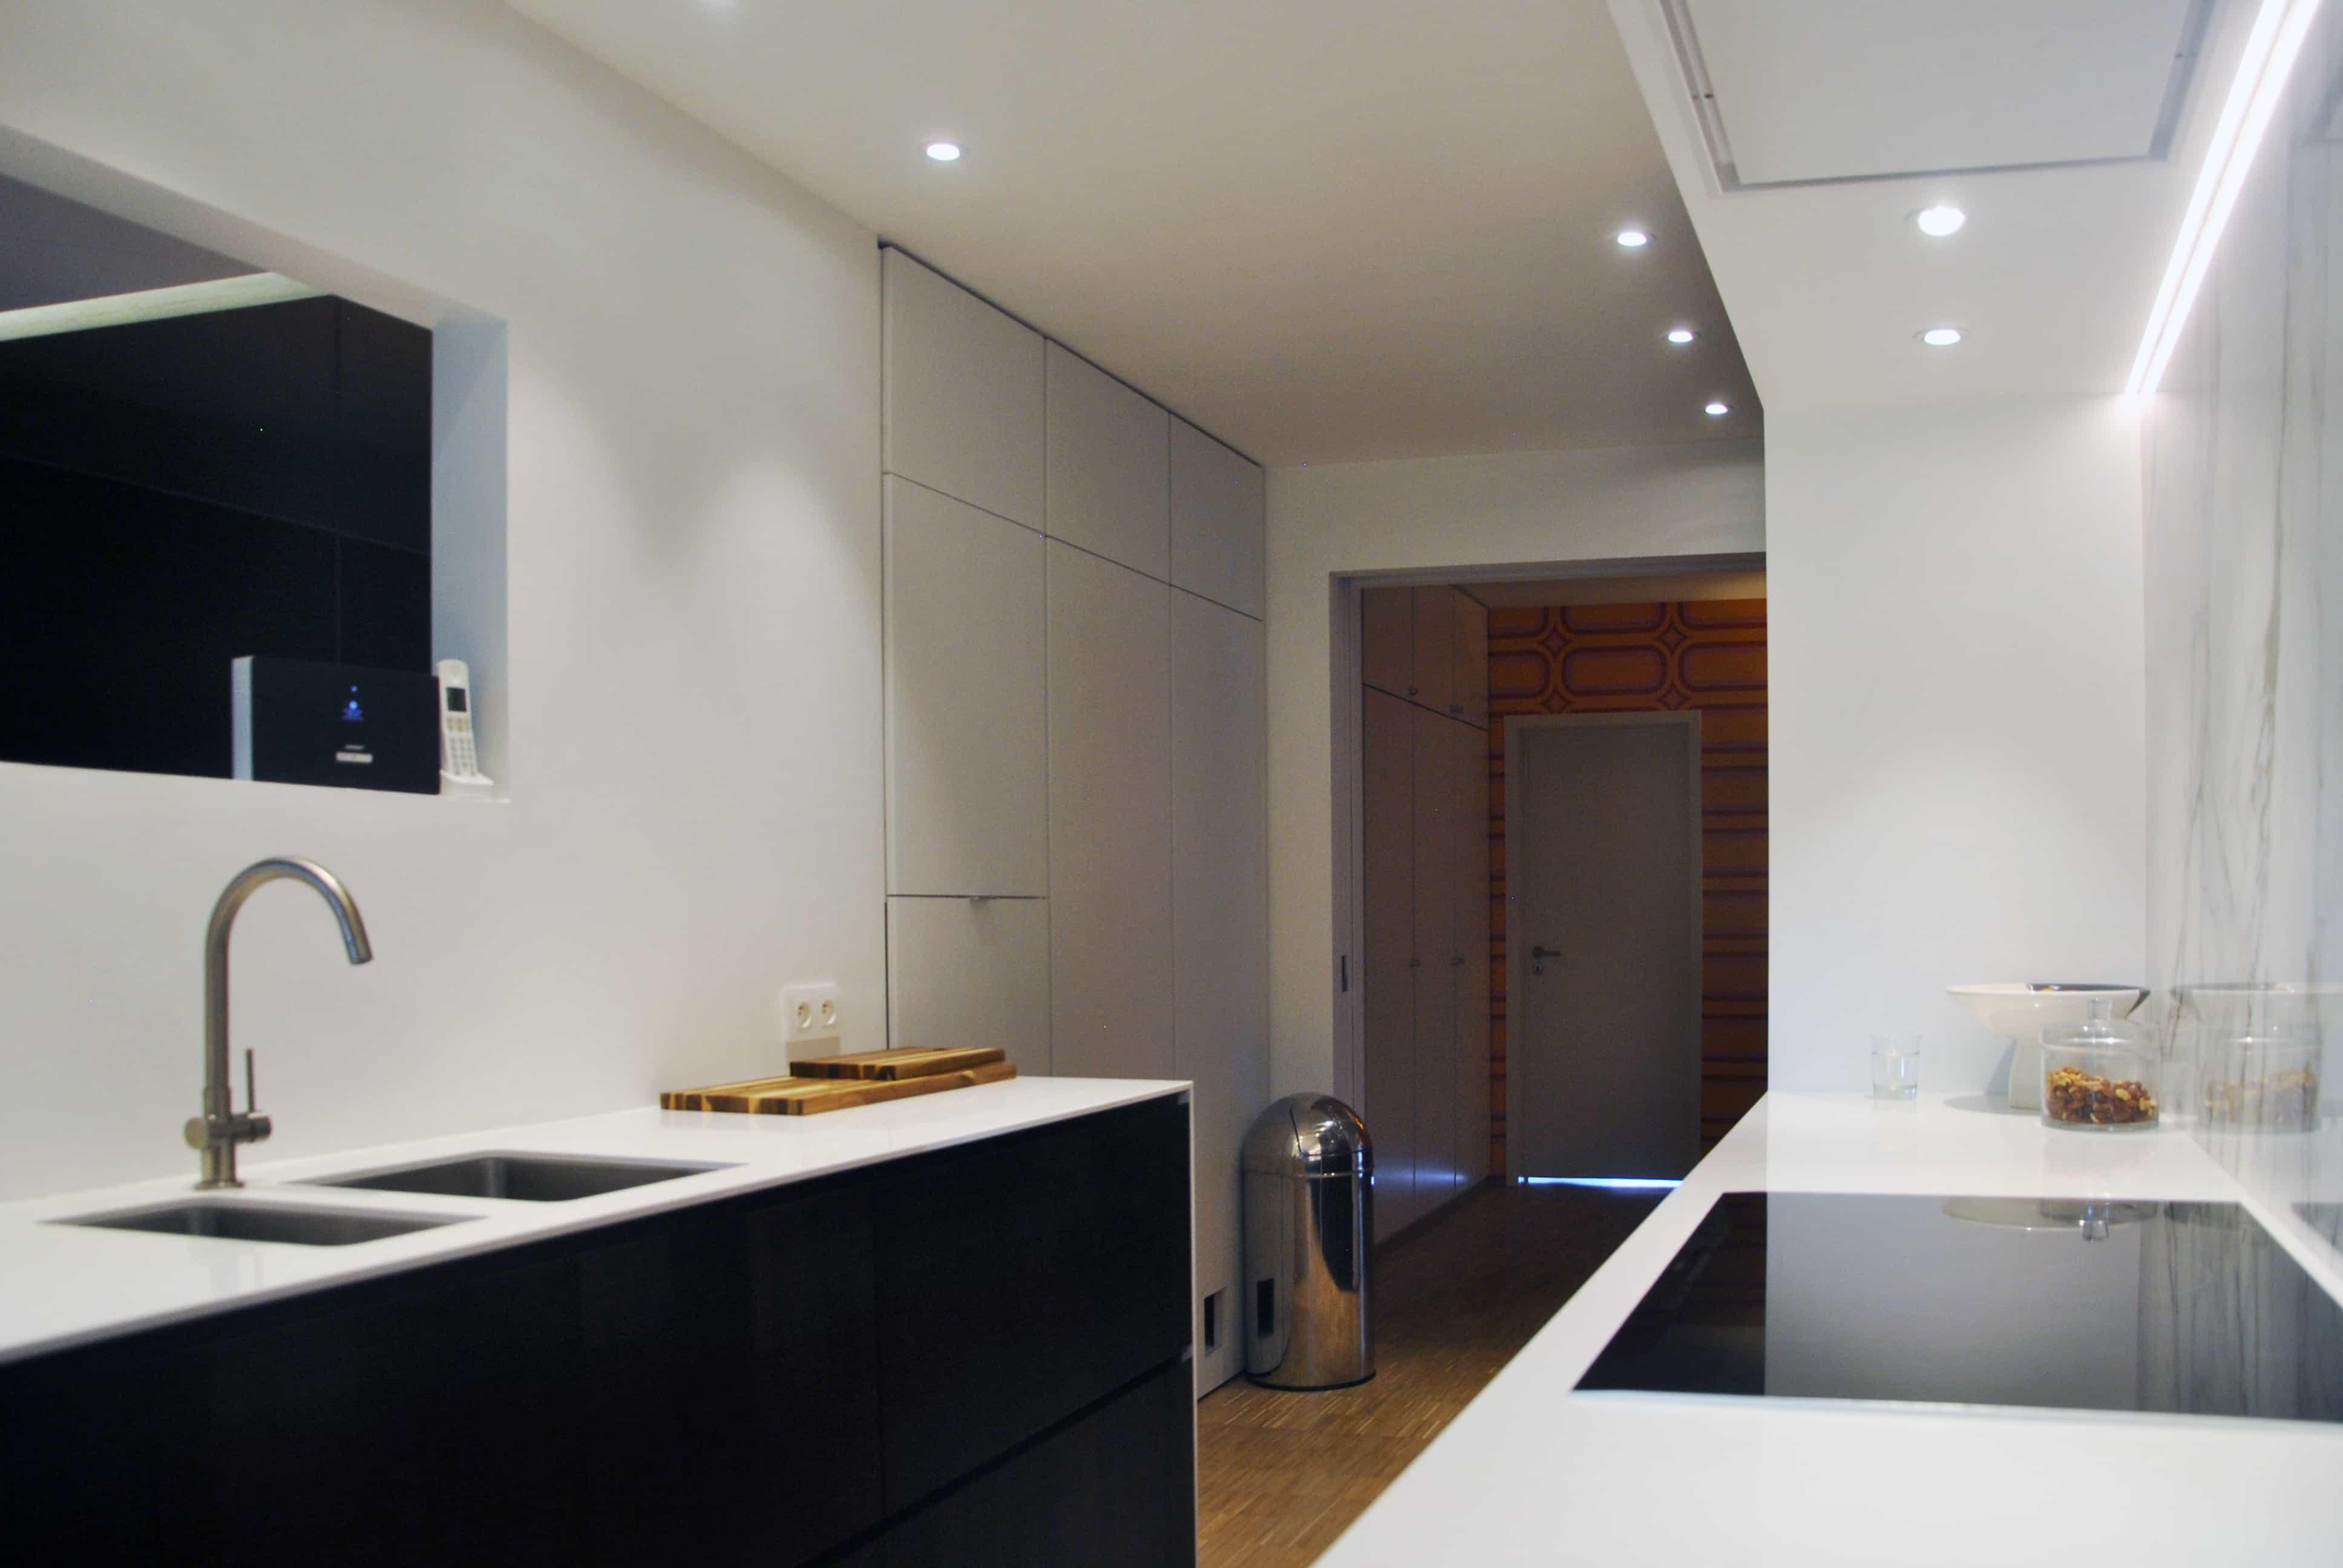 Design Keuken Gent : Exclusieve keuken u2013 gent dl interieur